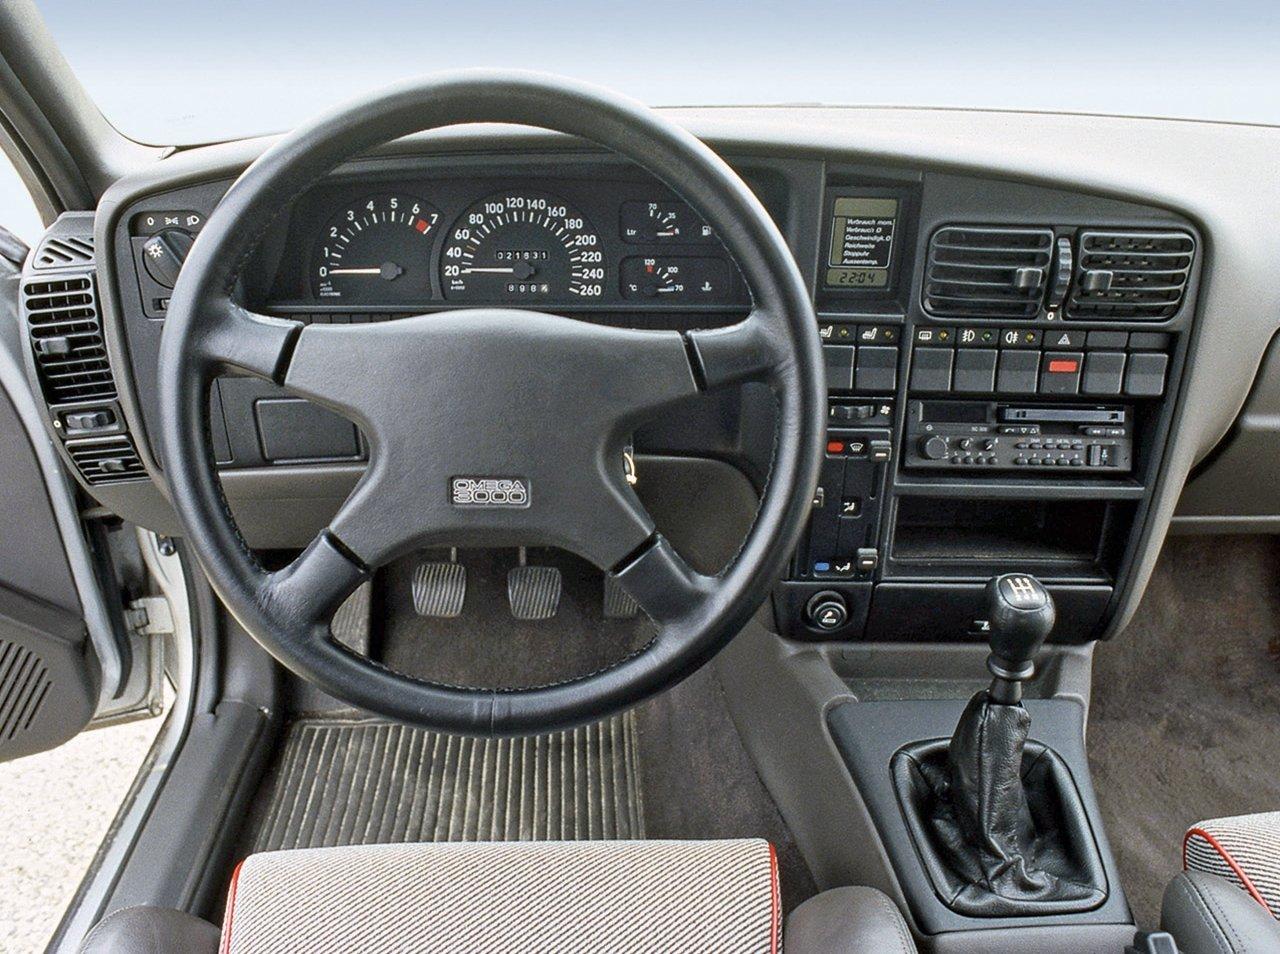 Opel Omega 3000 Interior